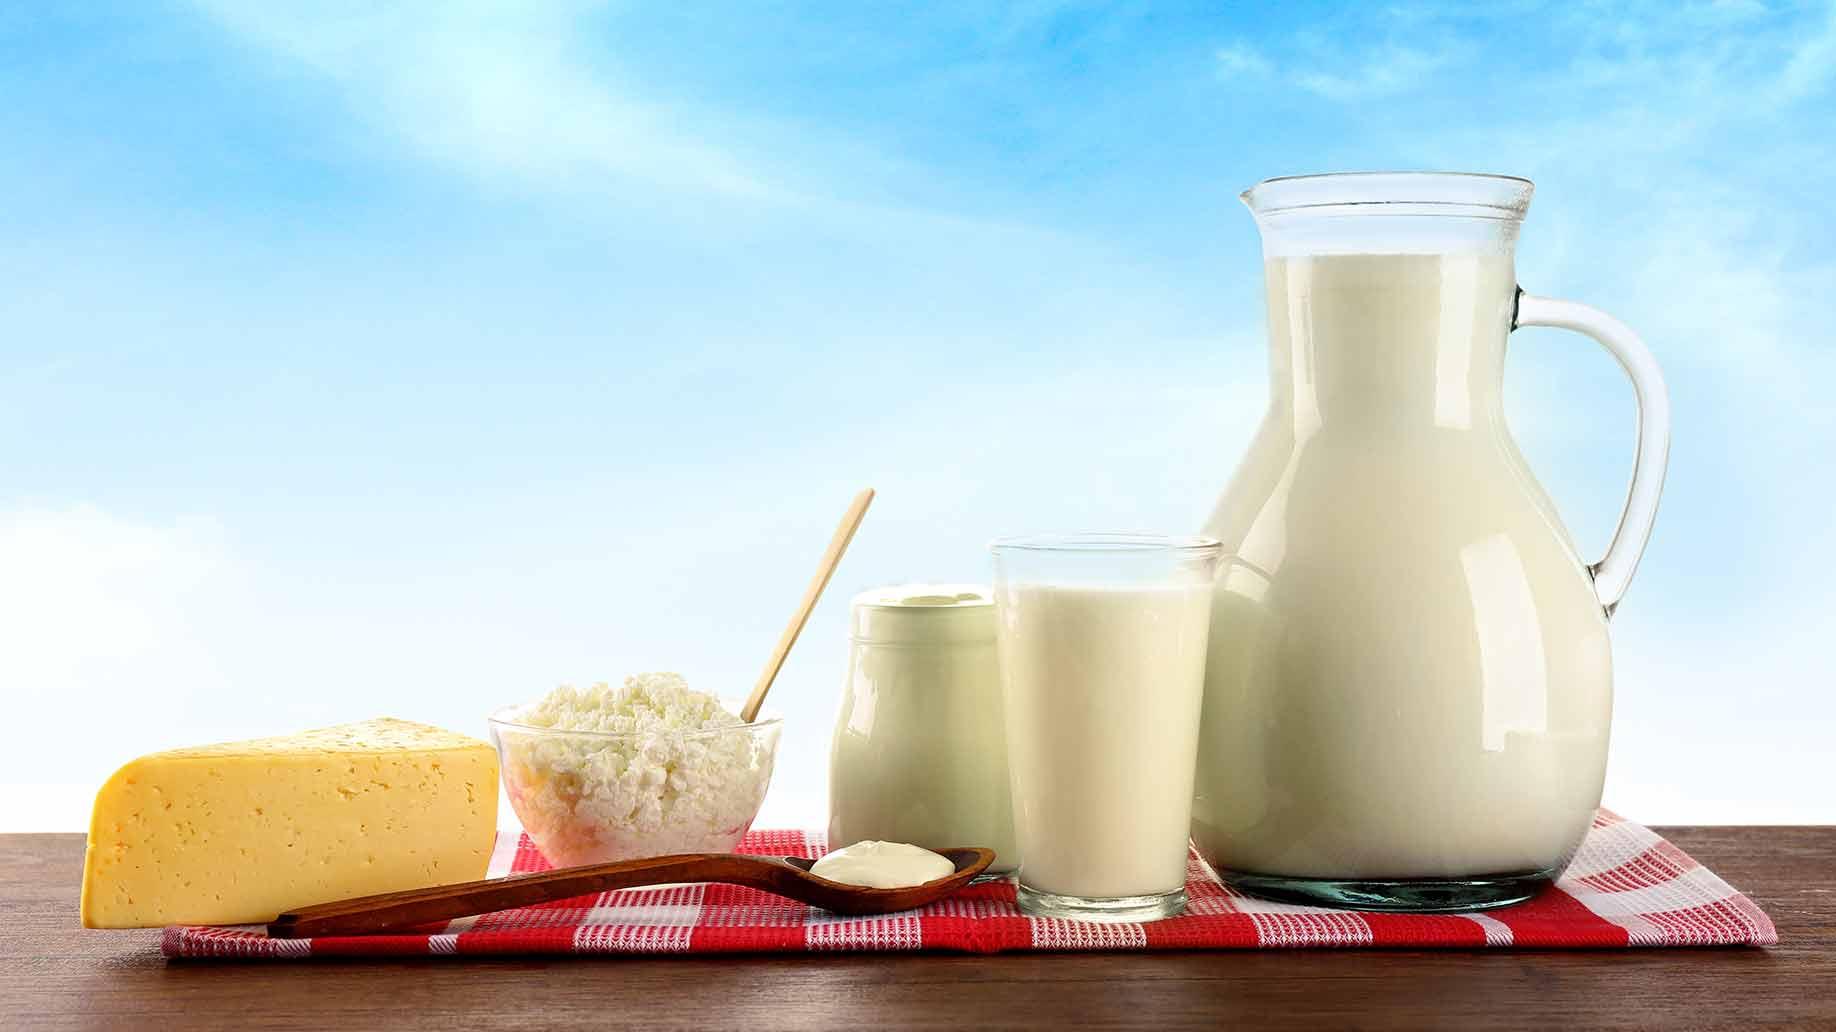 calcium milk cheese cottage cheese yogurt fresh dairy